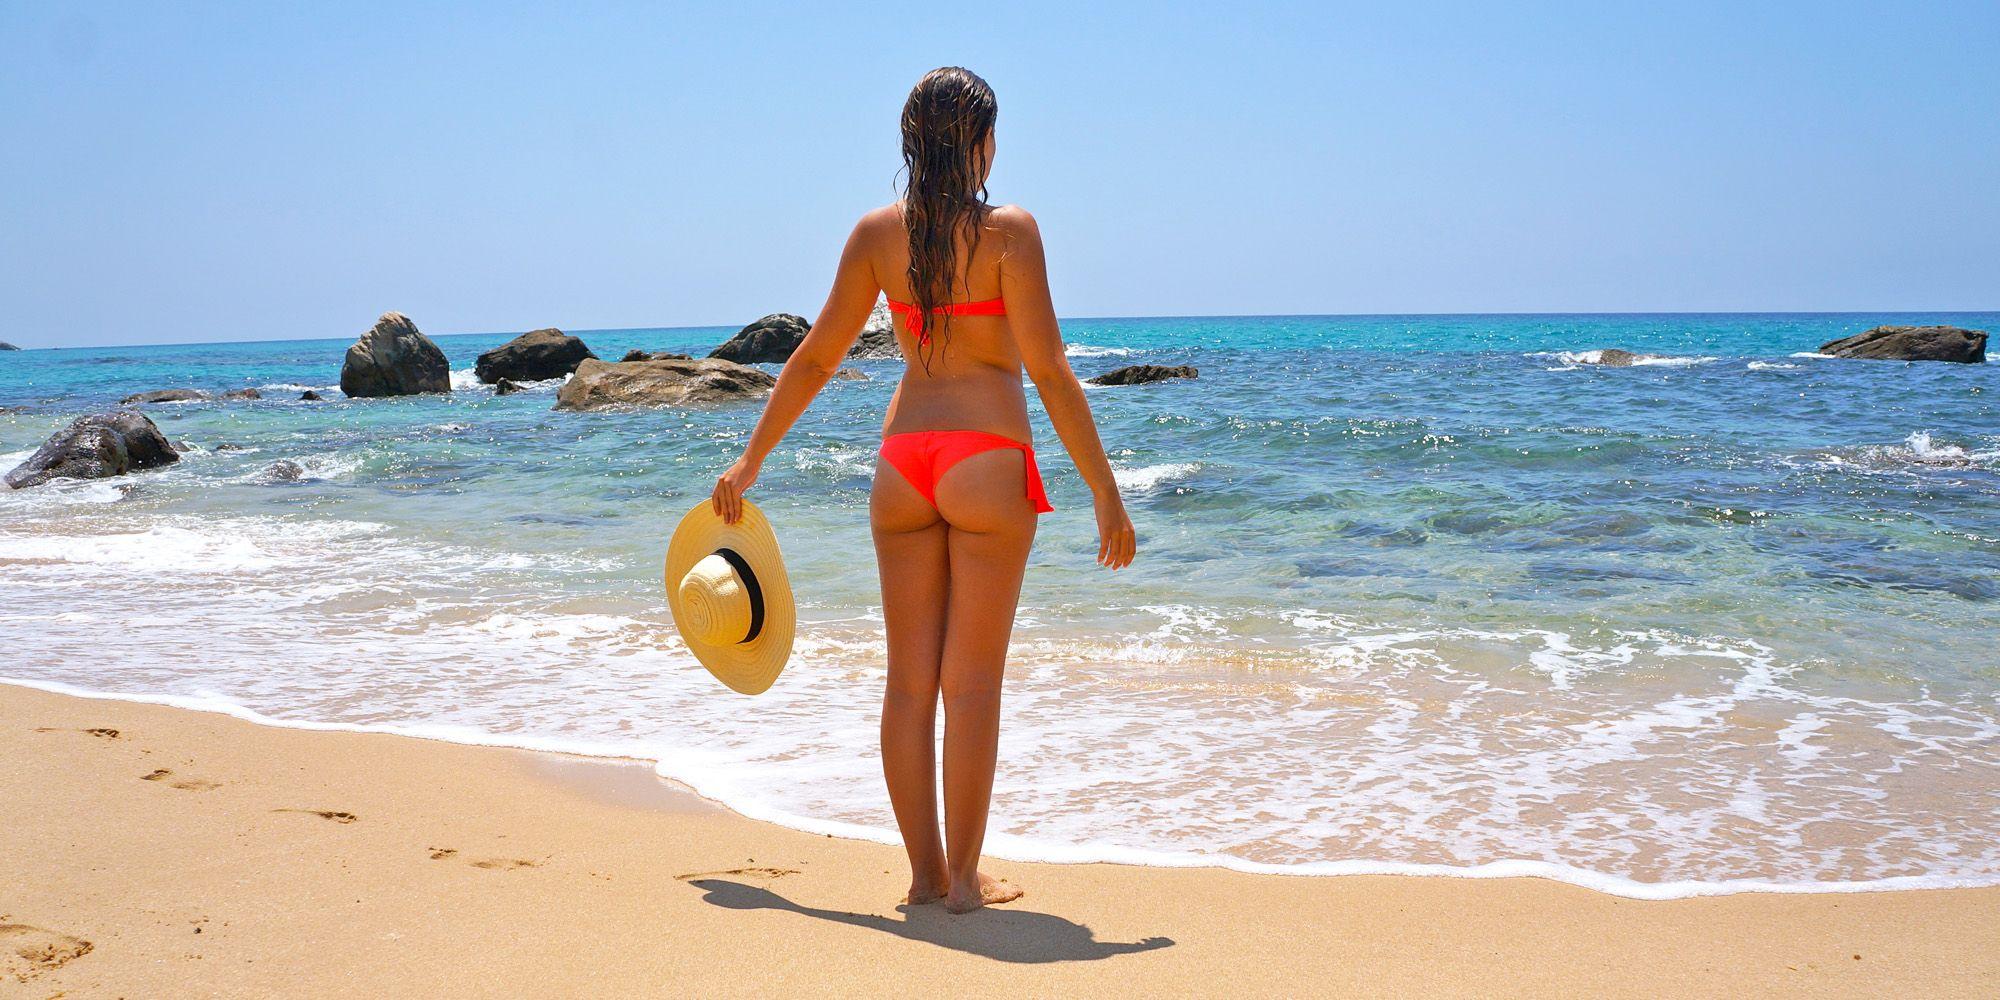 Playa de los Alemanes, Zahara de los Atunes | Imagen de Joana Para en myfairlady